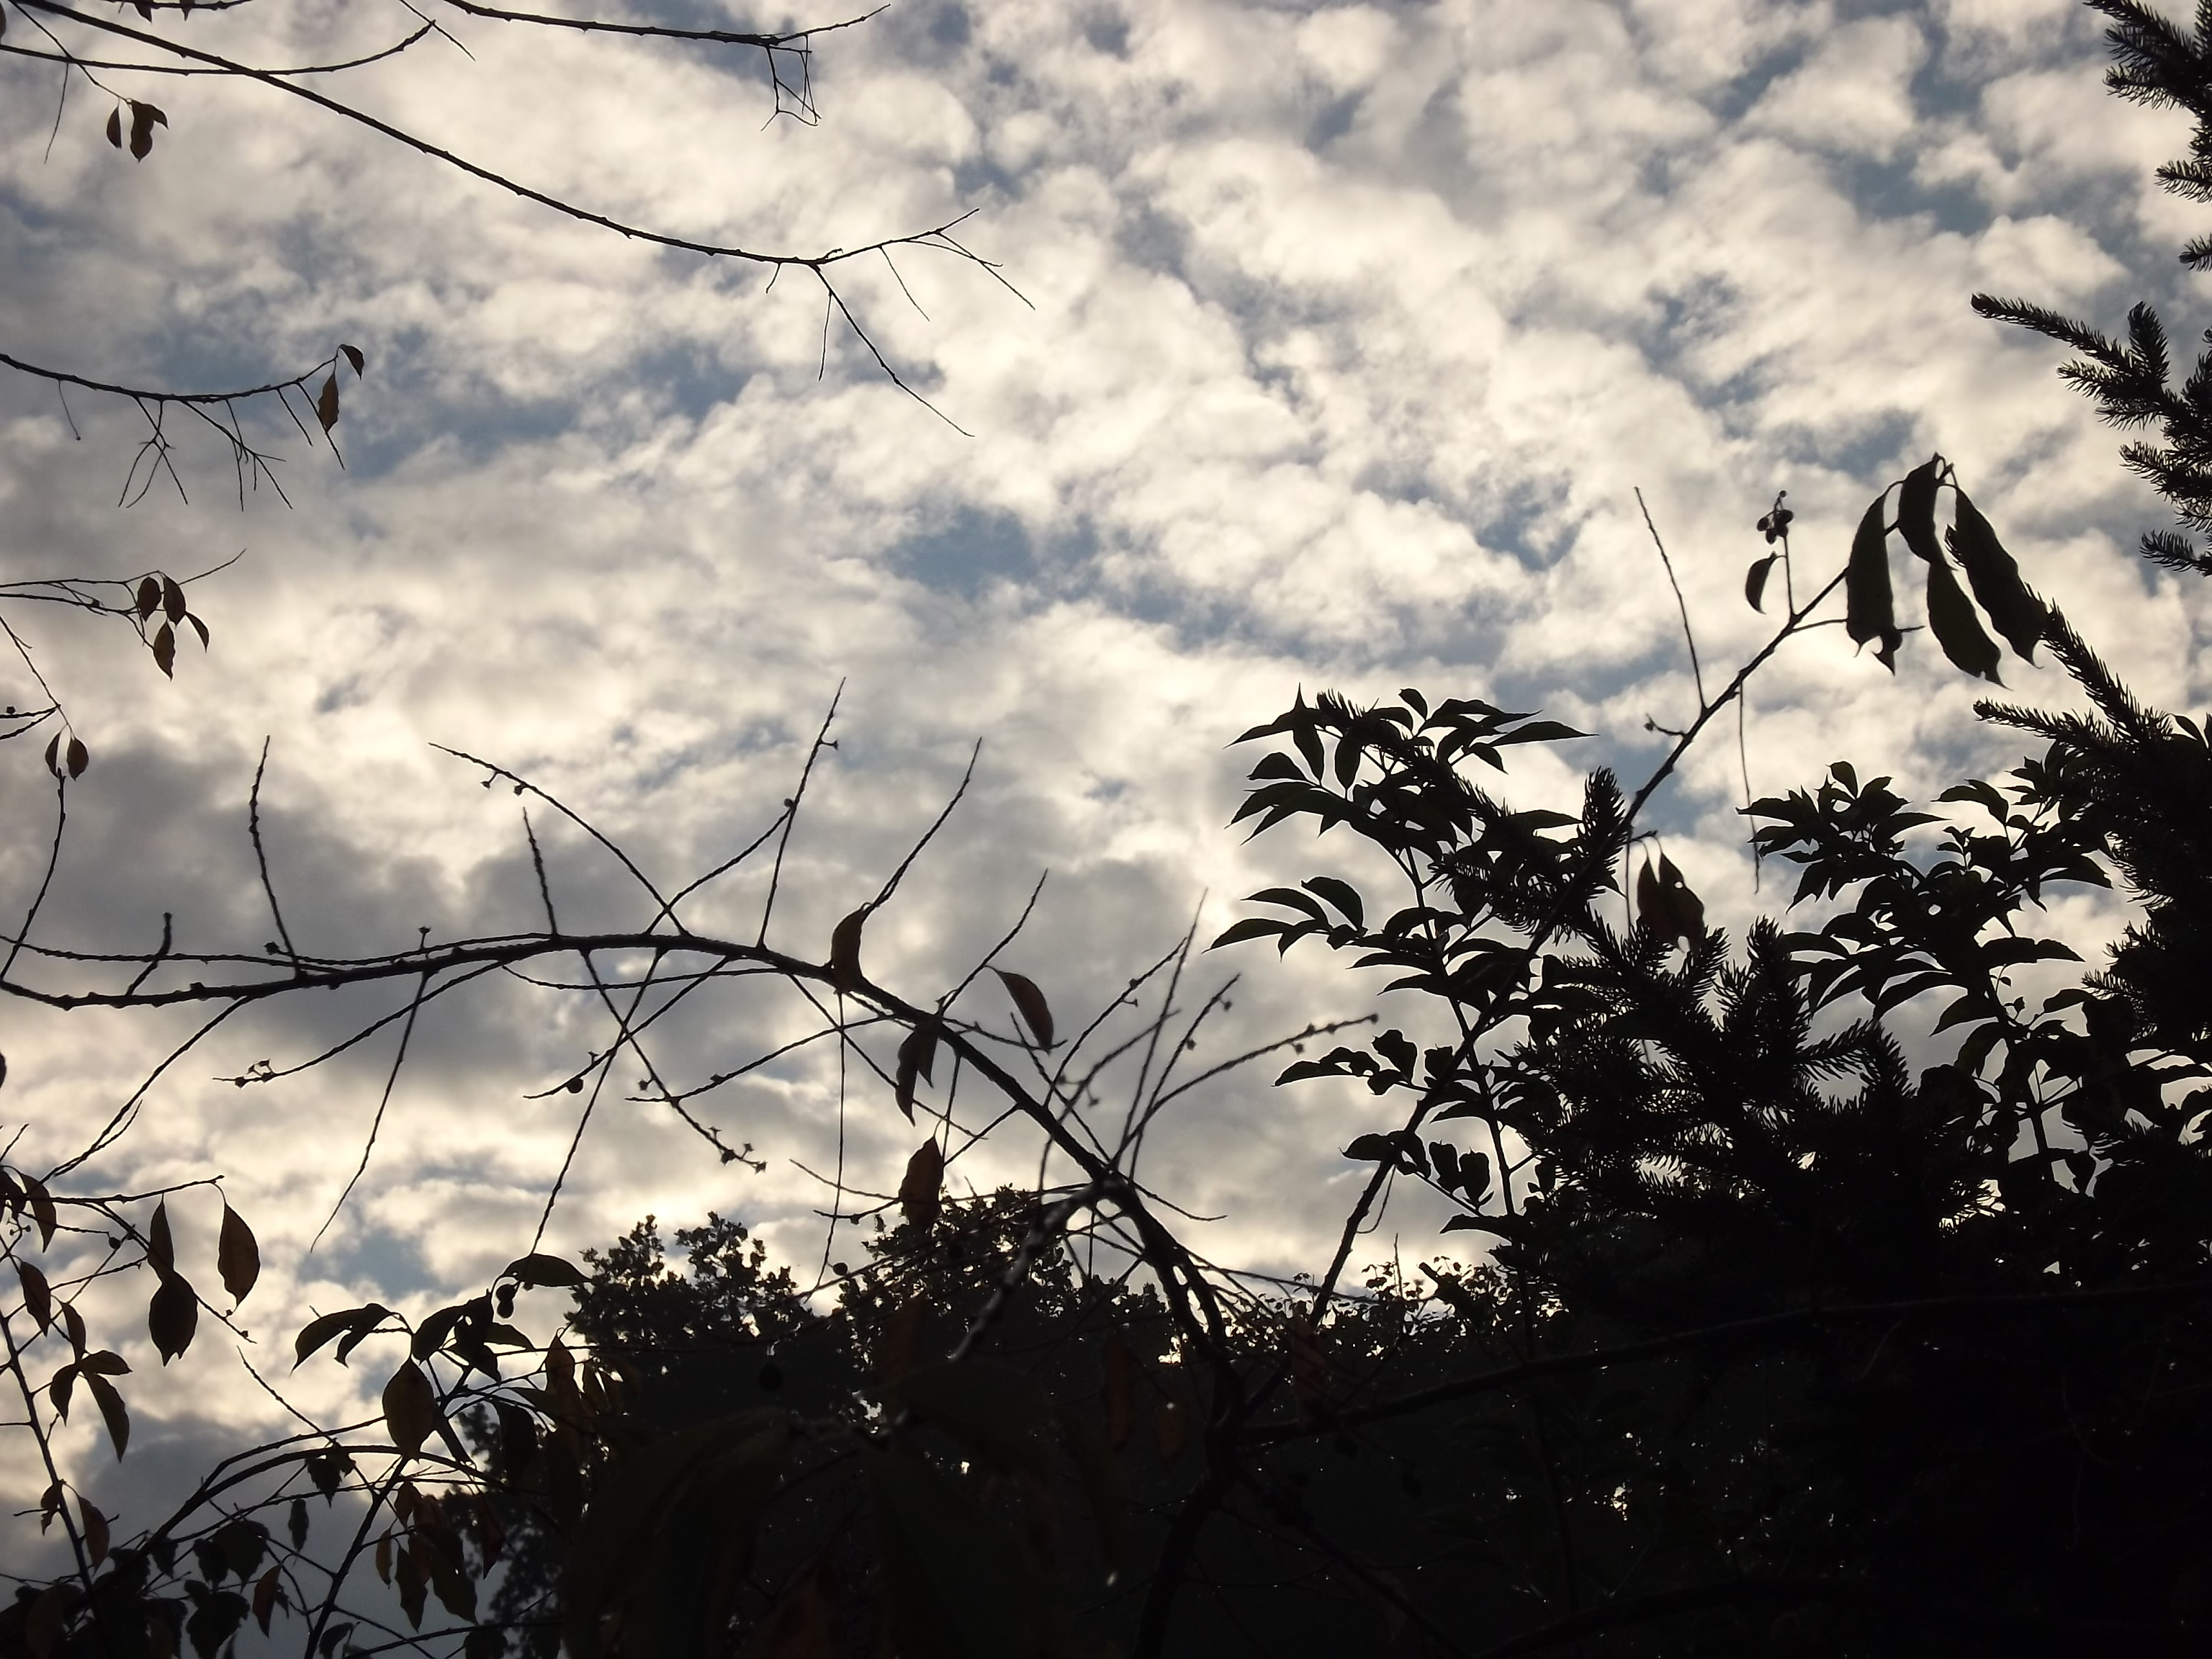 6485-wolke-himmel-blau-silhouette